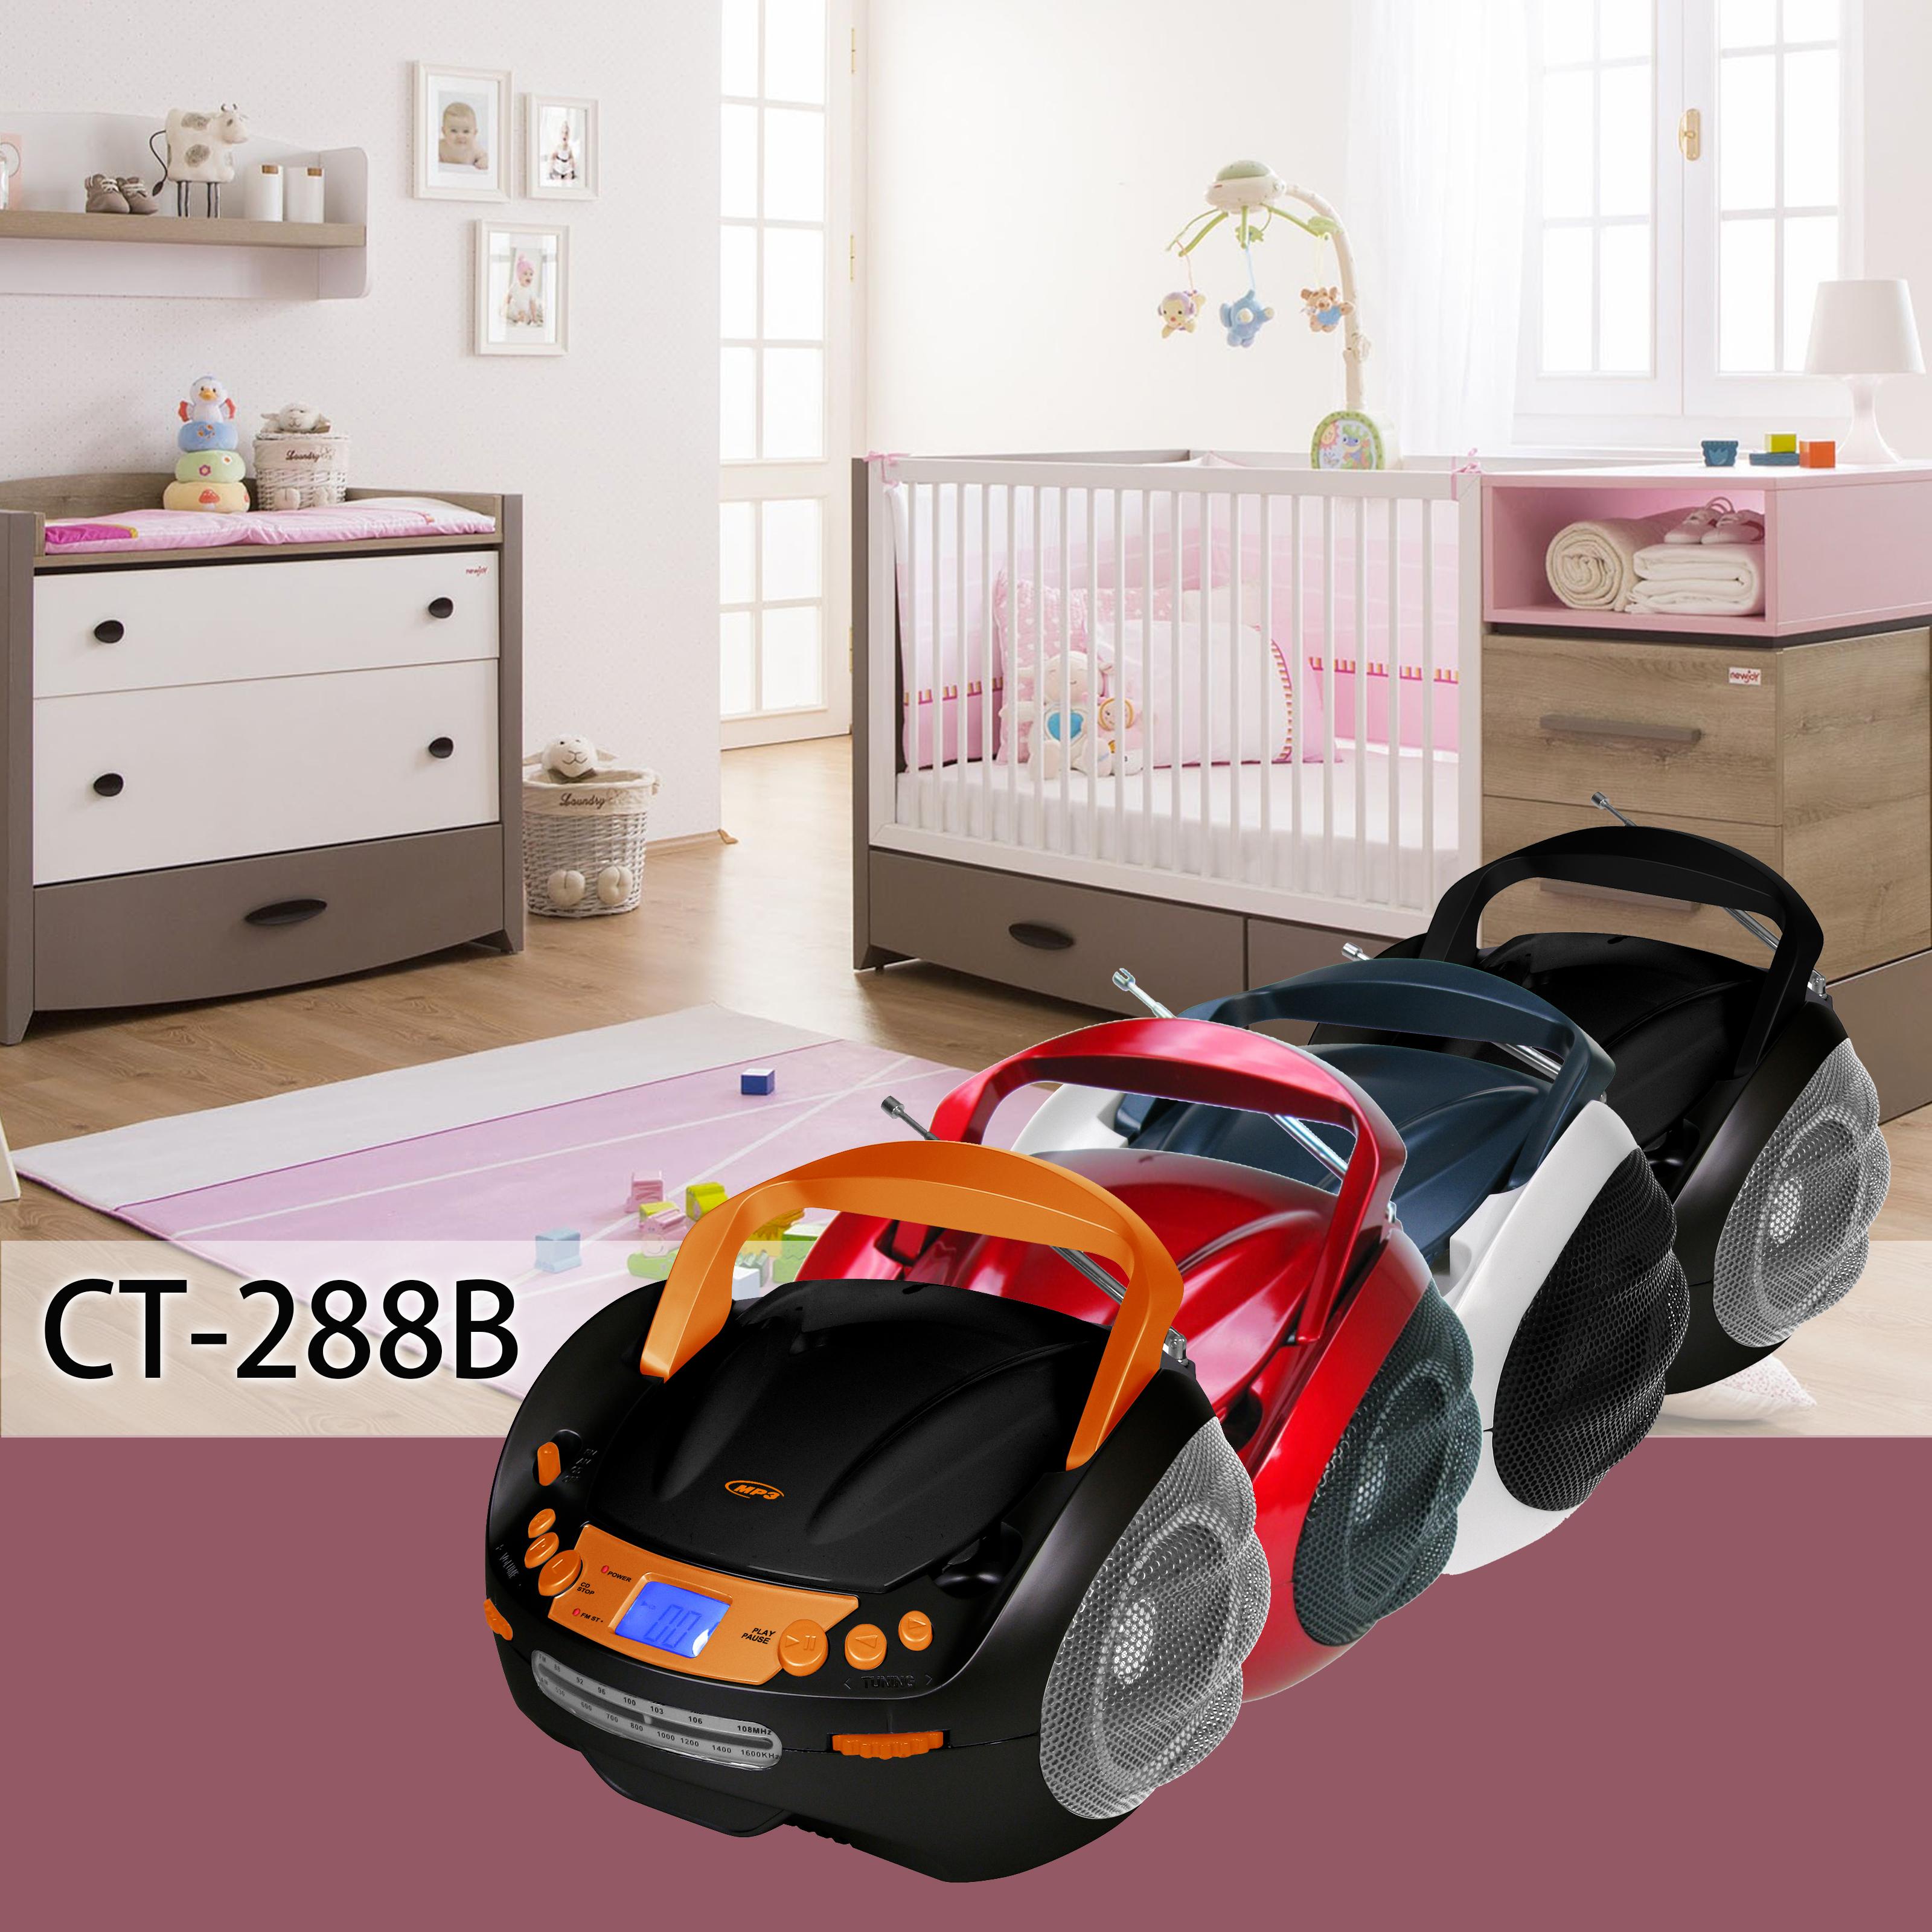 CT-288B baby bedroom .jpg